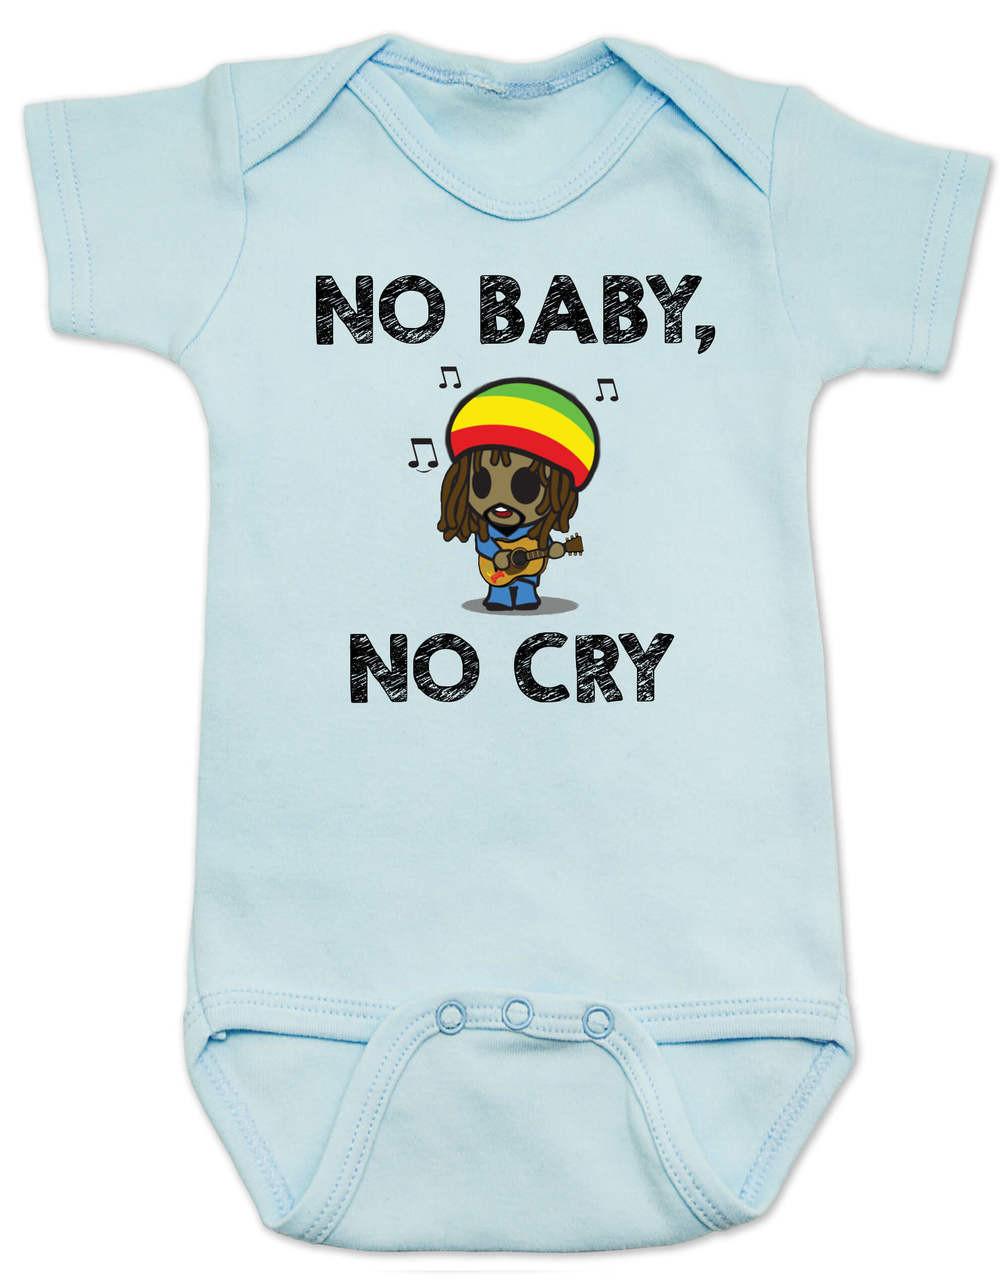 No Baby No Cry Bob Marley Baby esie